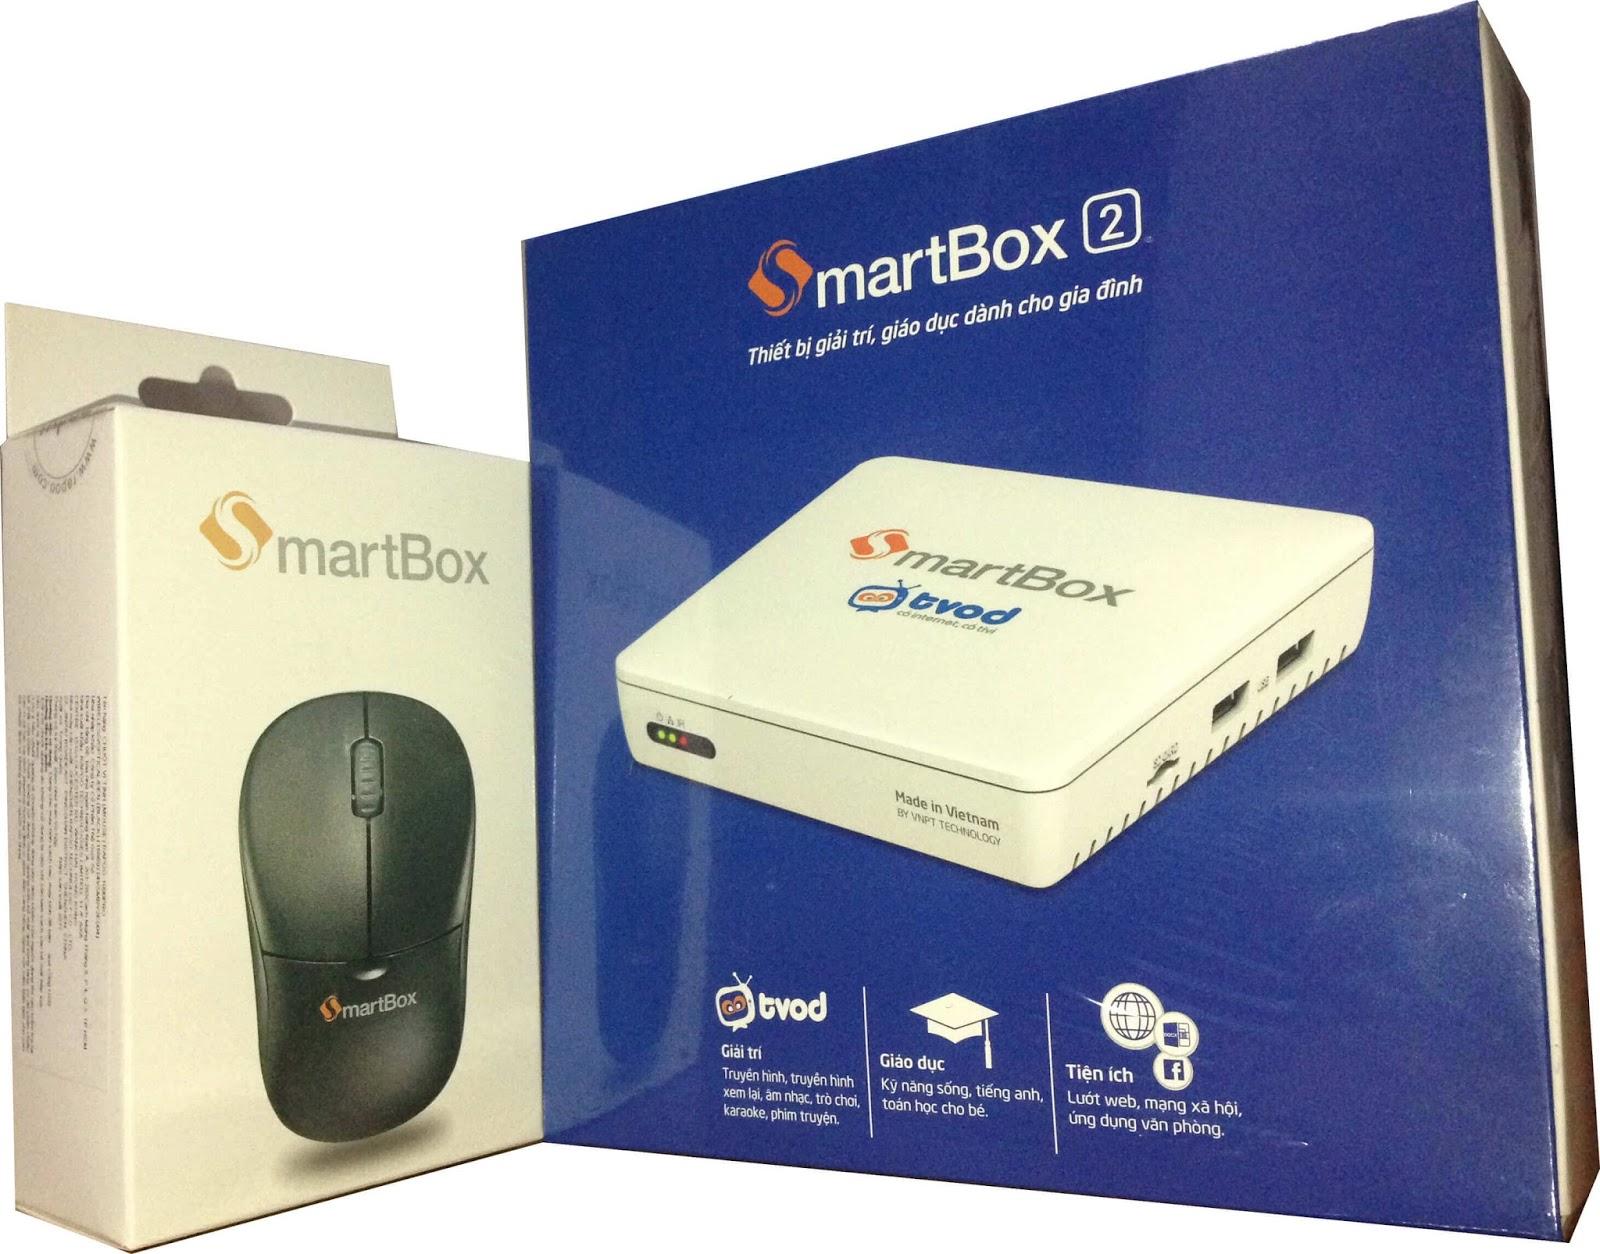 SmartBox 2   Android TV Box chính hãng VNPT